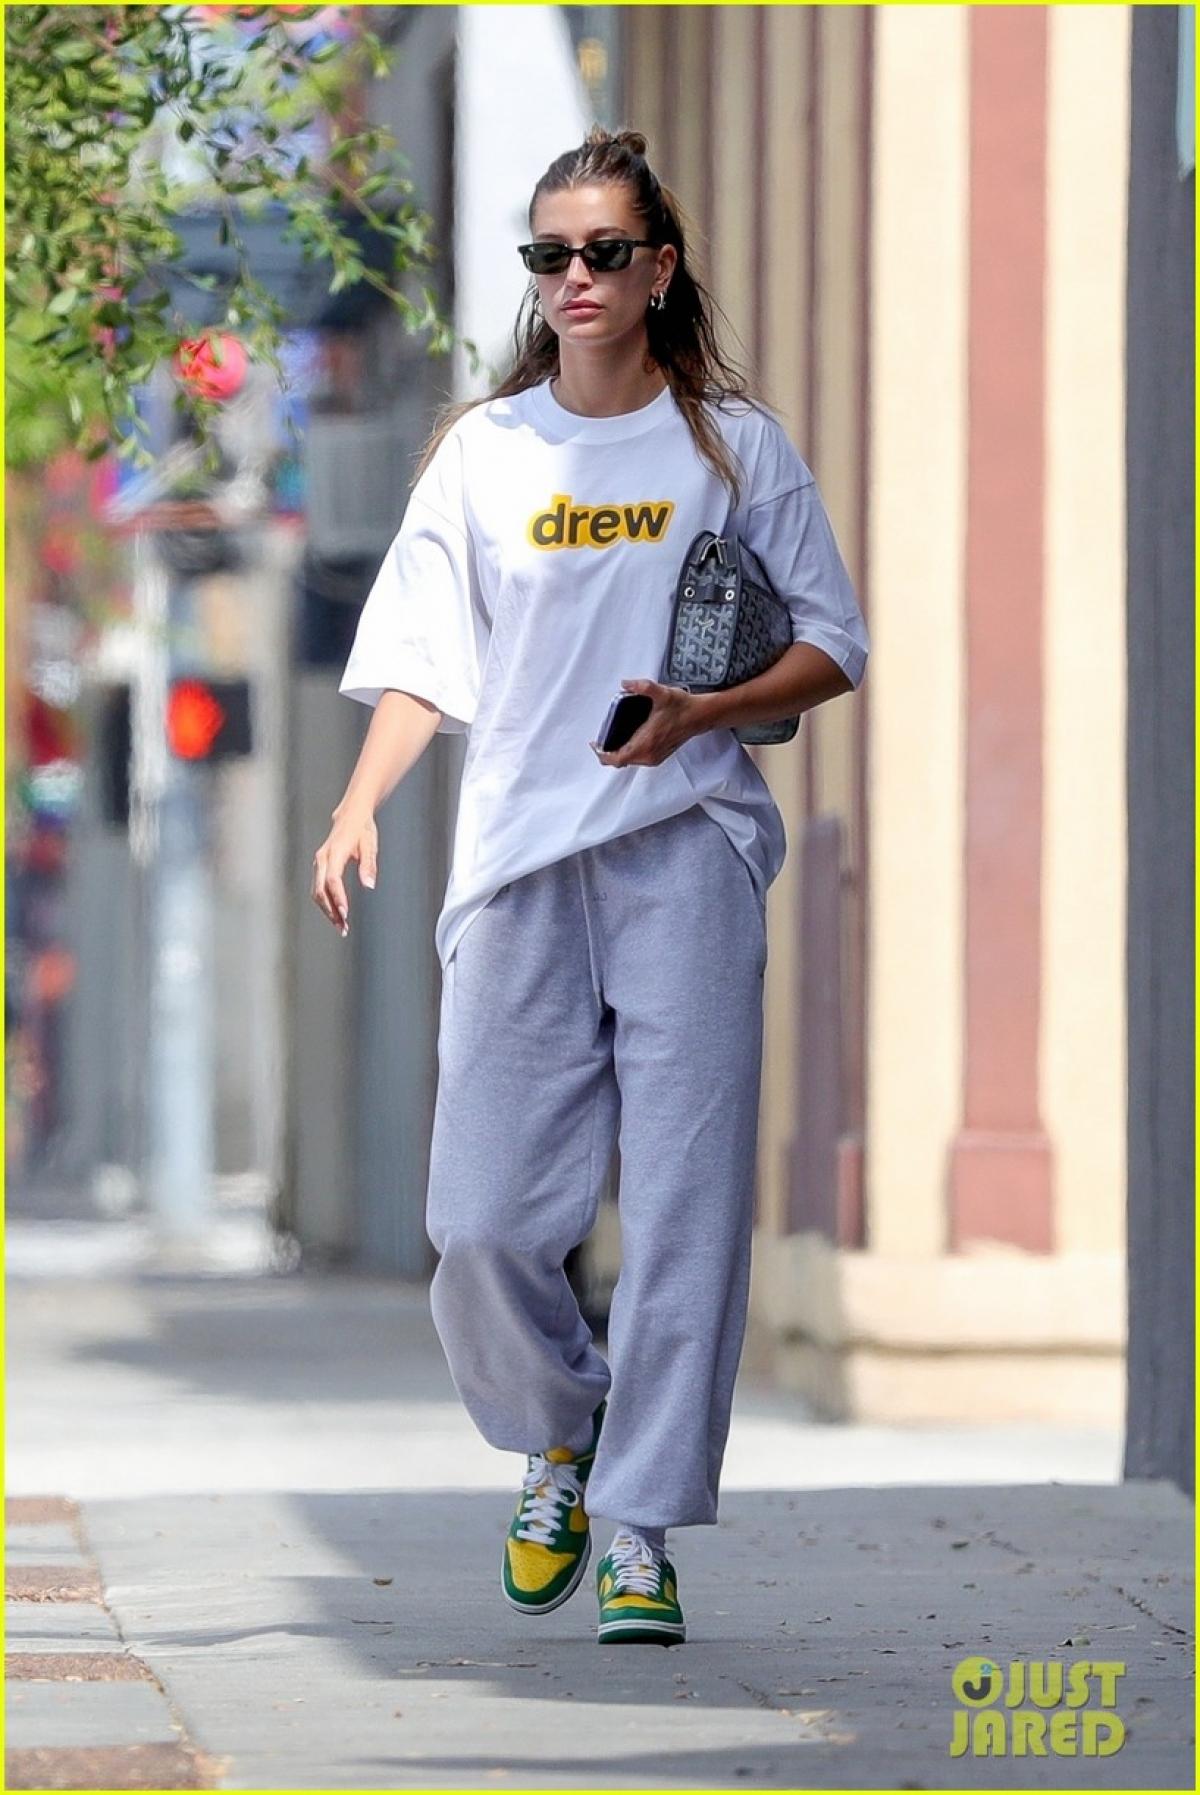 Hailey Baldwin đến cơ sở spa sau khi ăn trưa cùng ông xã - Justin Bieber ở Los Angeles.